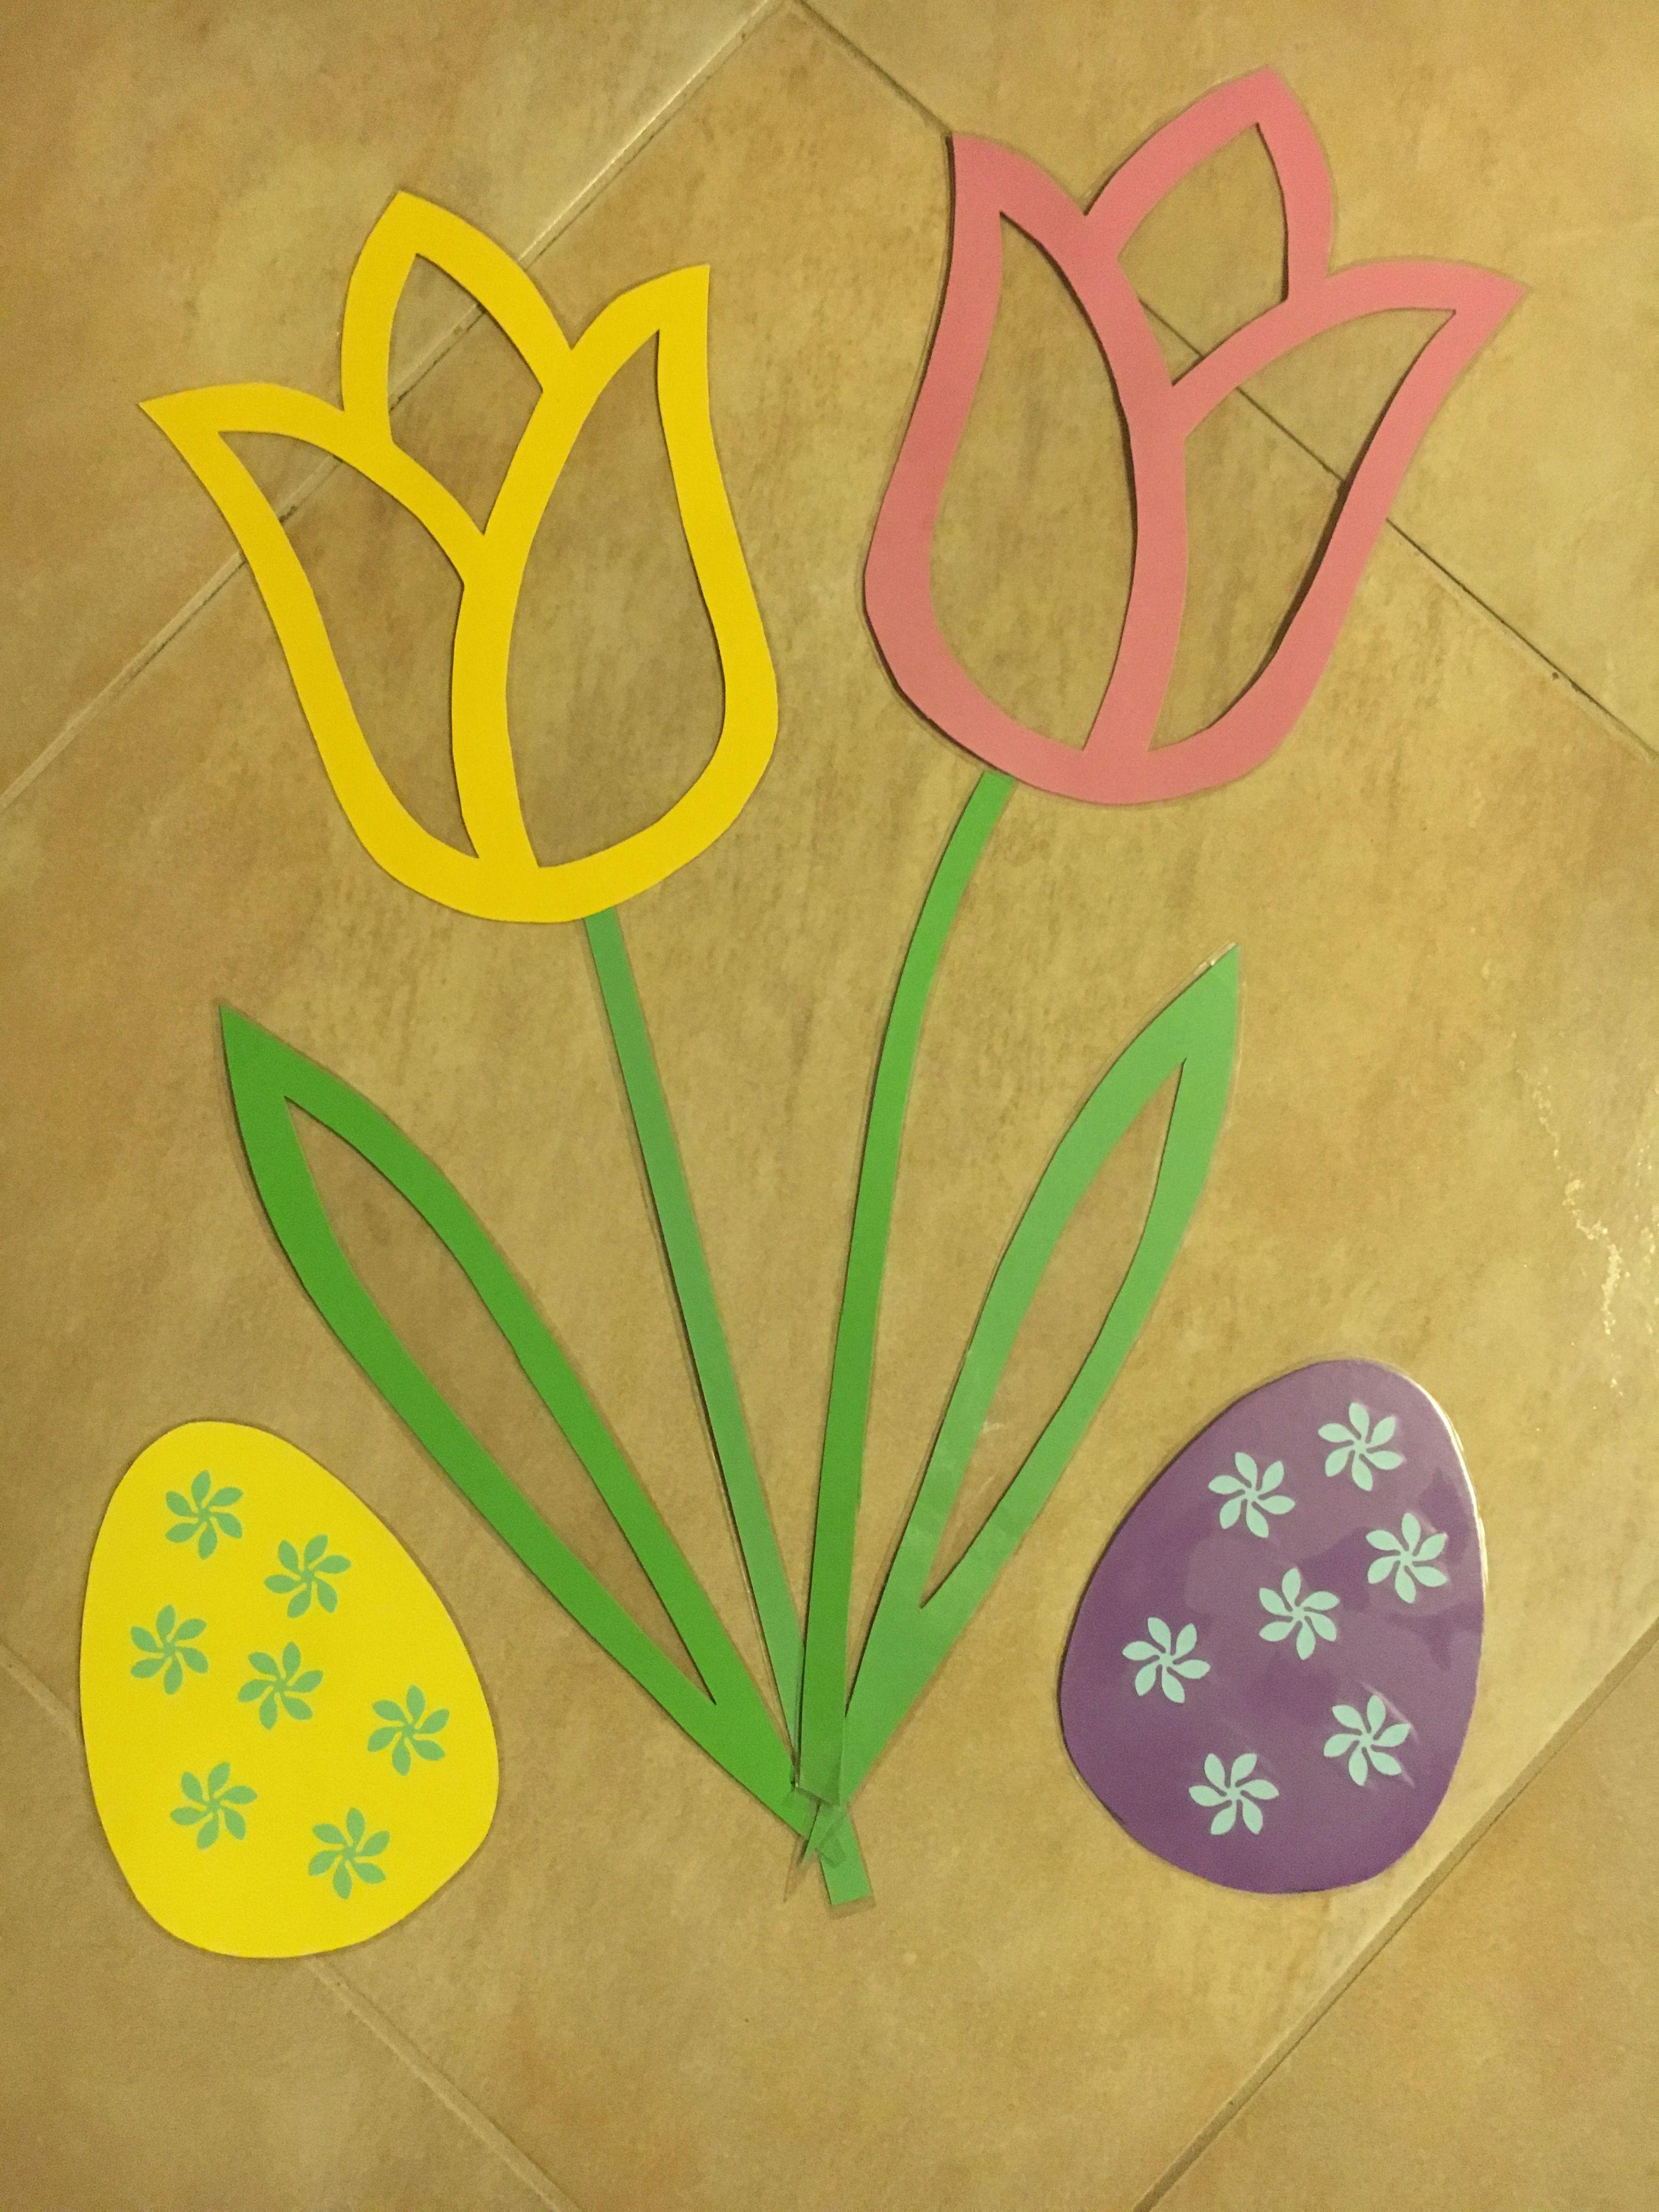 Wiosnaeasterpisankisweetsłodkomiłośćdekoracja